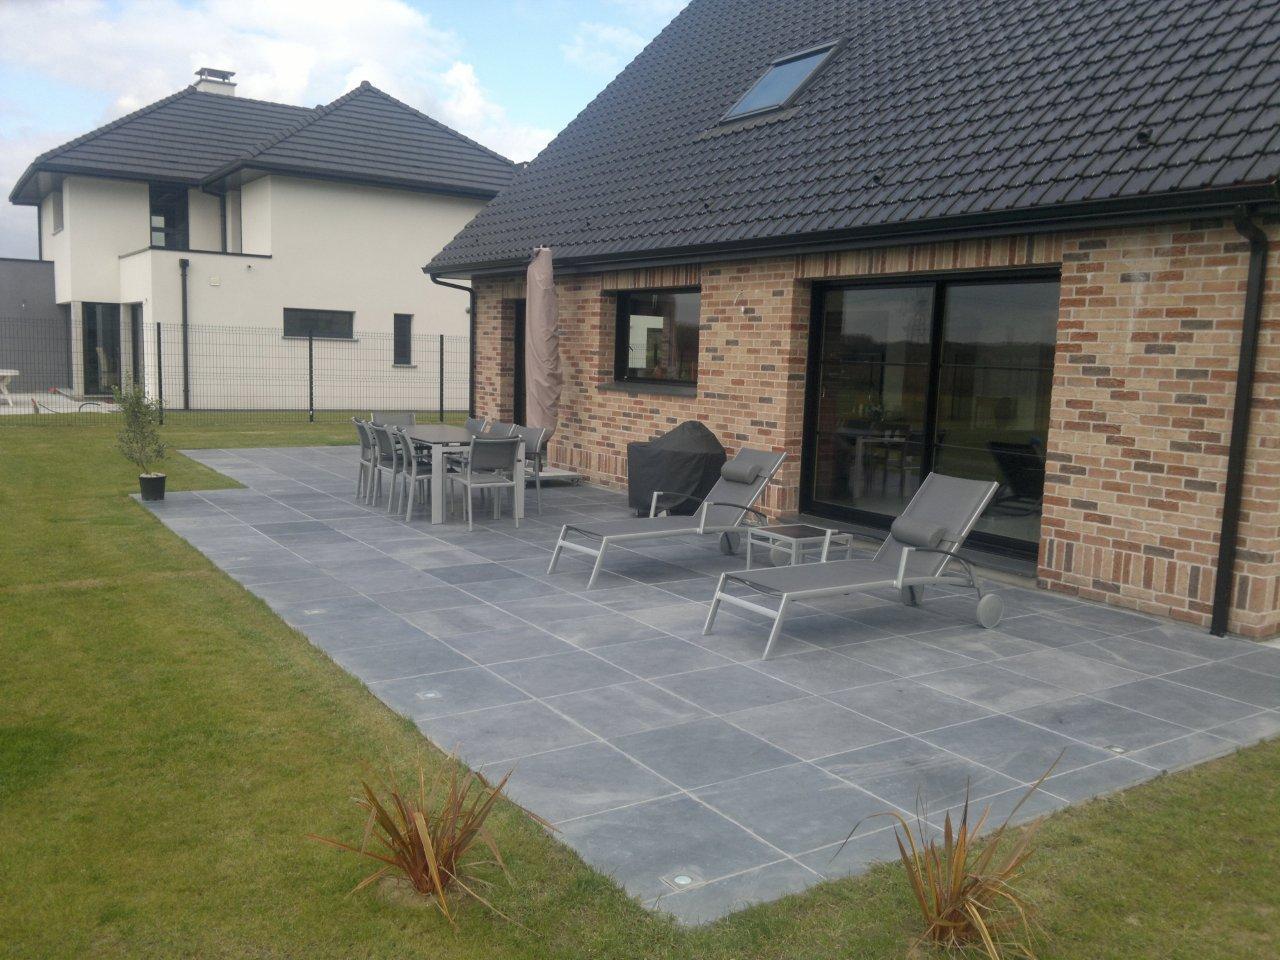 Terrasse autre que beton jardin - Comment realiser une terrasse en bois ...